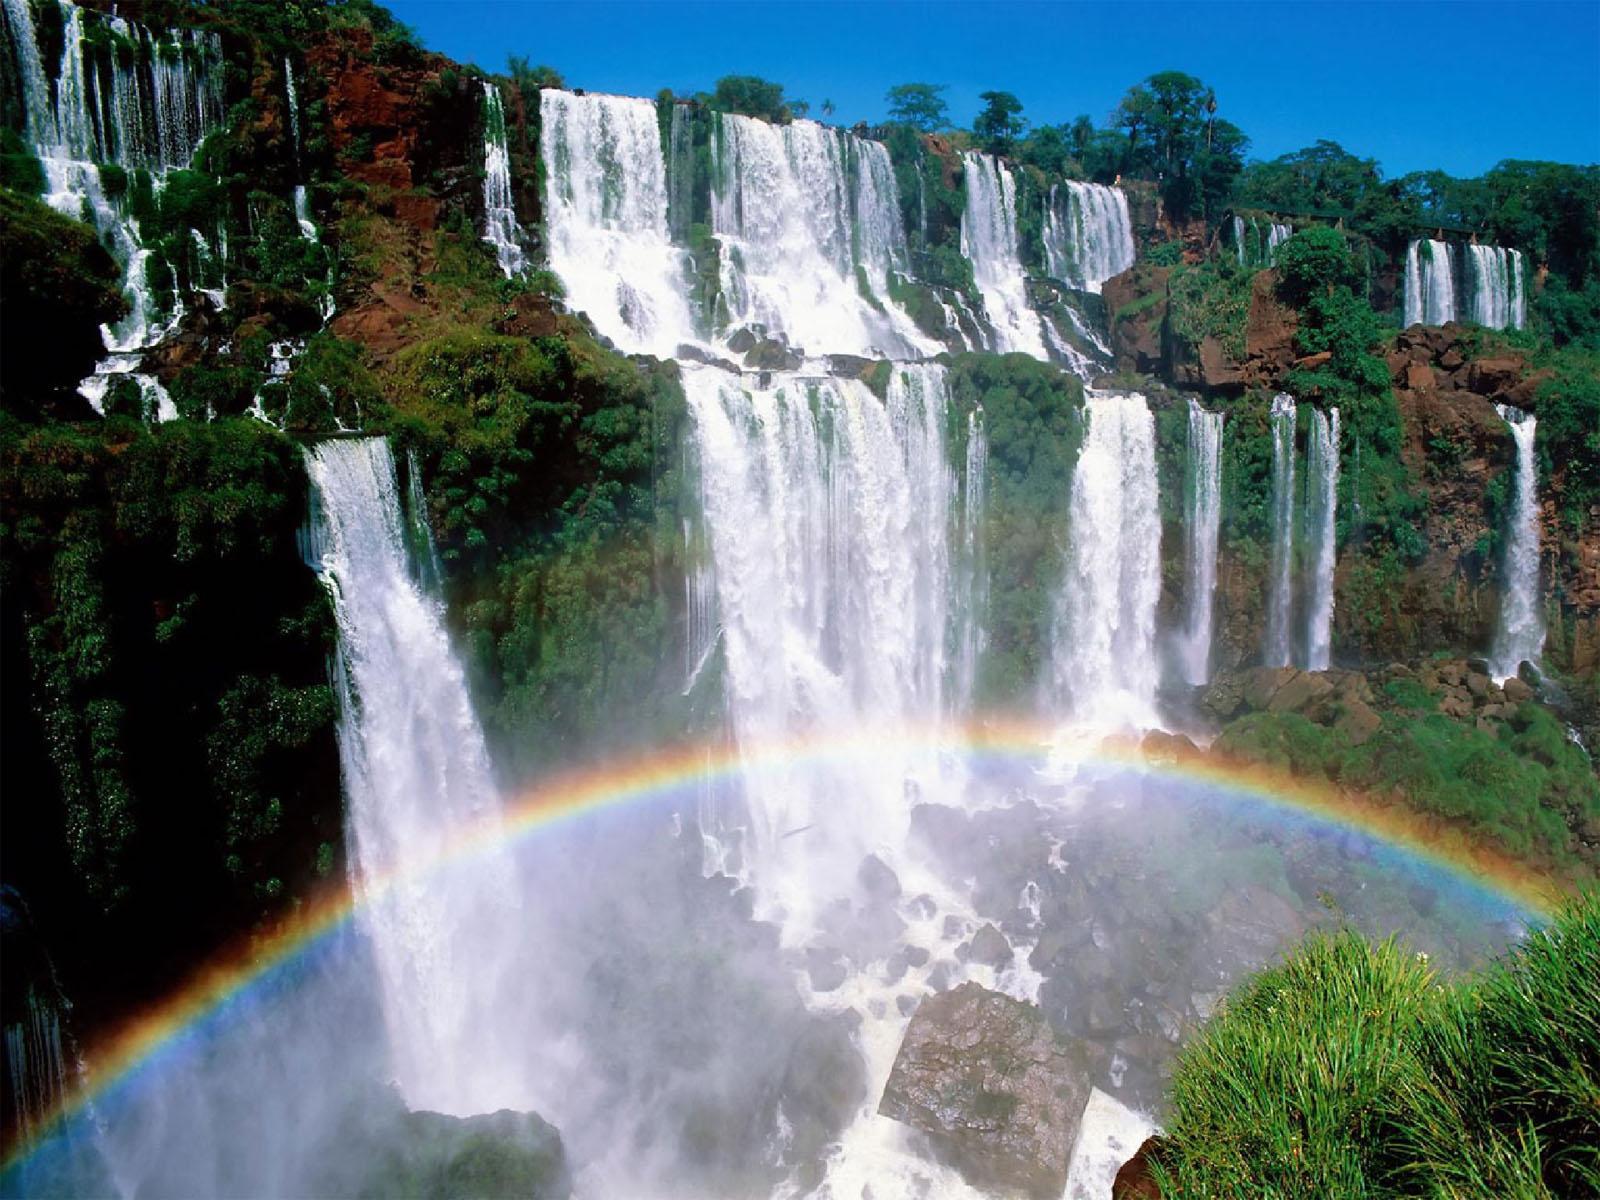 картинки очень красивые водопады мира сложных